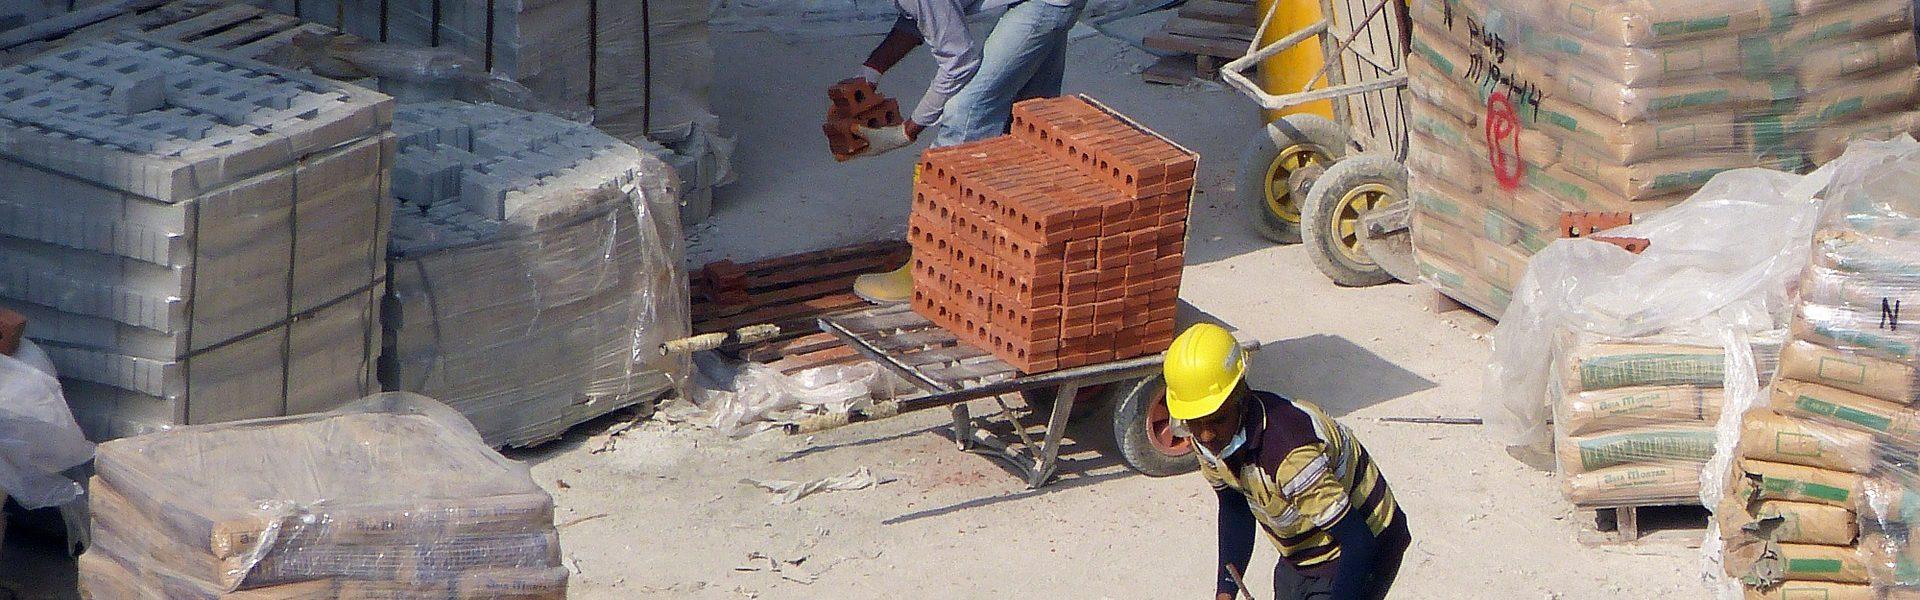 Tanie materiały budowlane - gdzie kupić, żeby nie przepłacać?